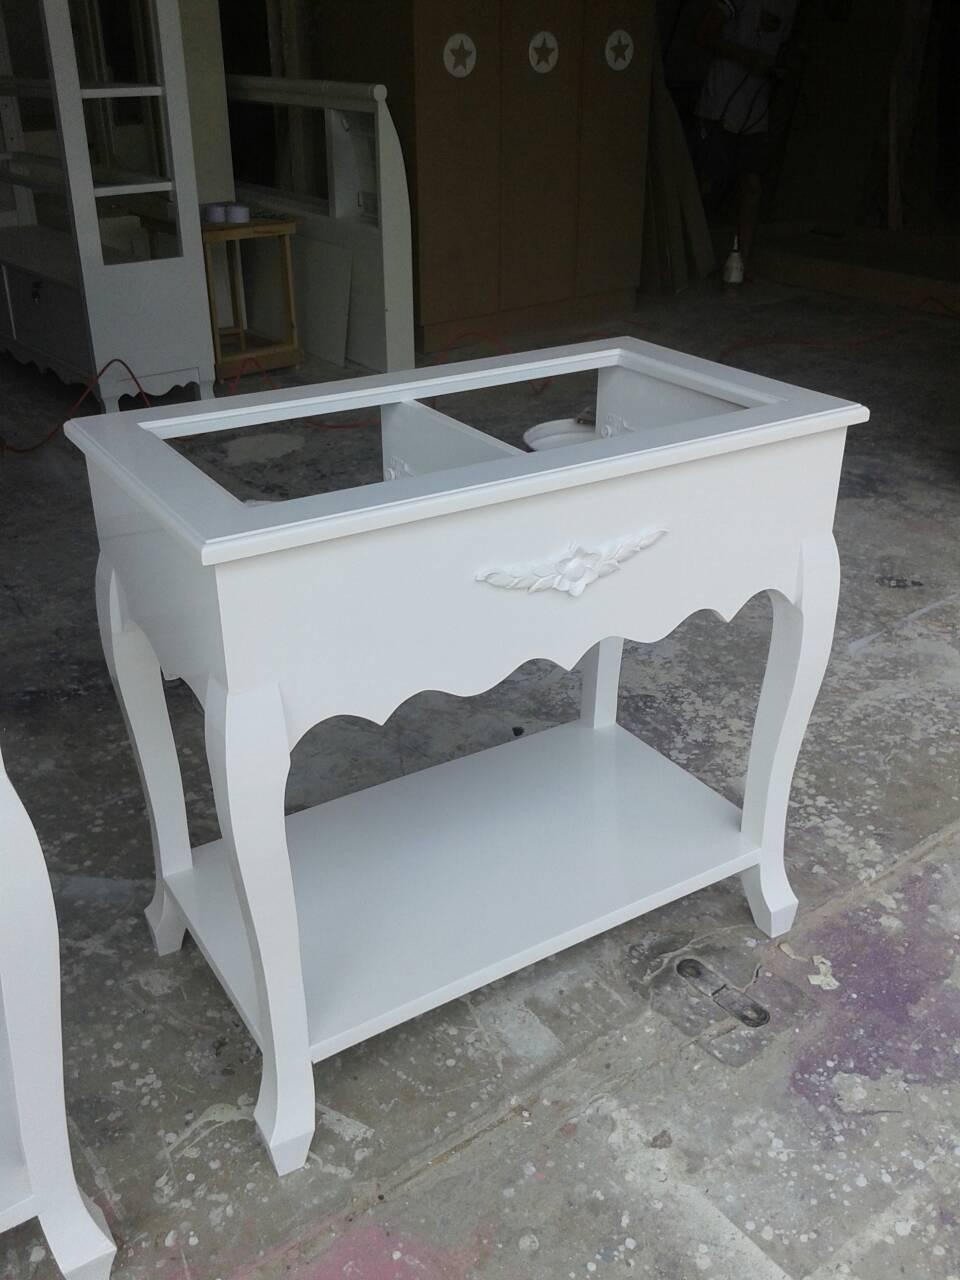 โต๊ะลิ้นชักเตี้ยวินเทจสีขาว